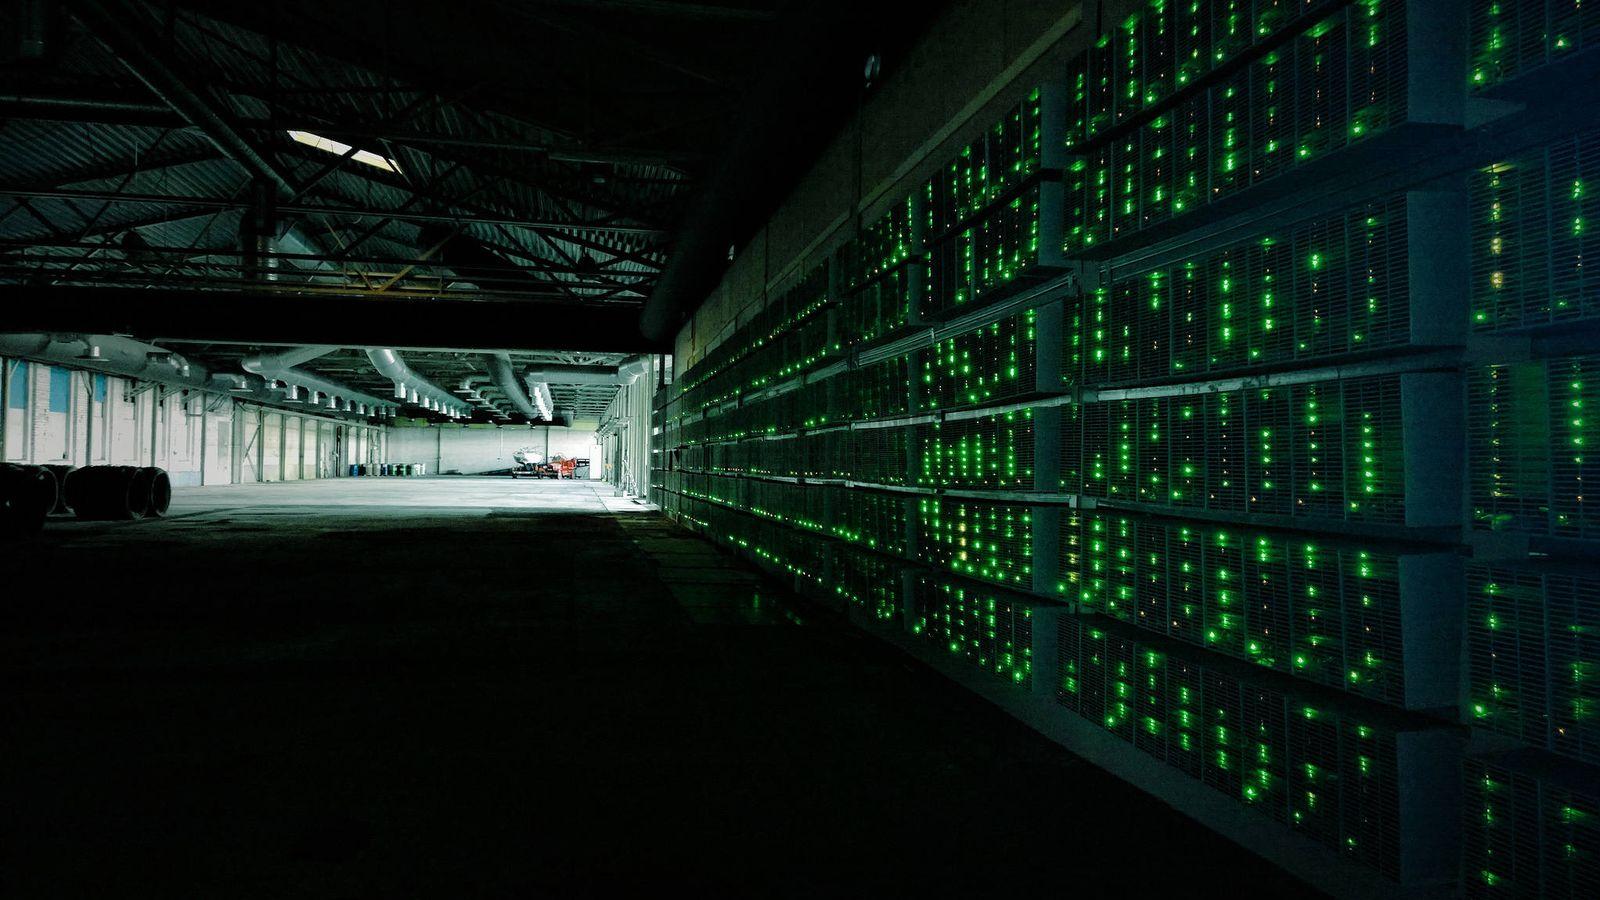 Foto: Granja de ordenadores para minar bitcoins. (Foto: Marko Ahtisaari/Flickr)